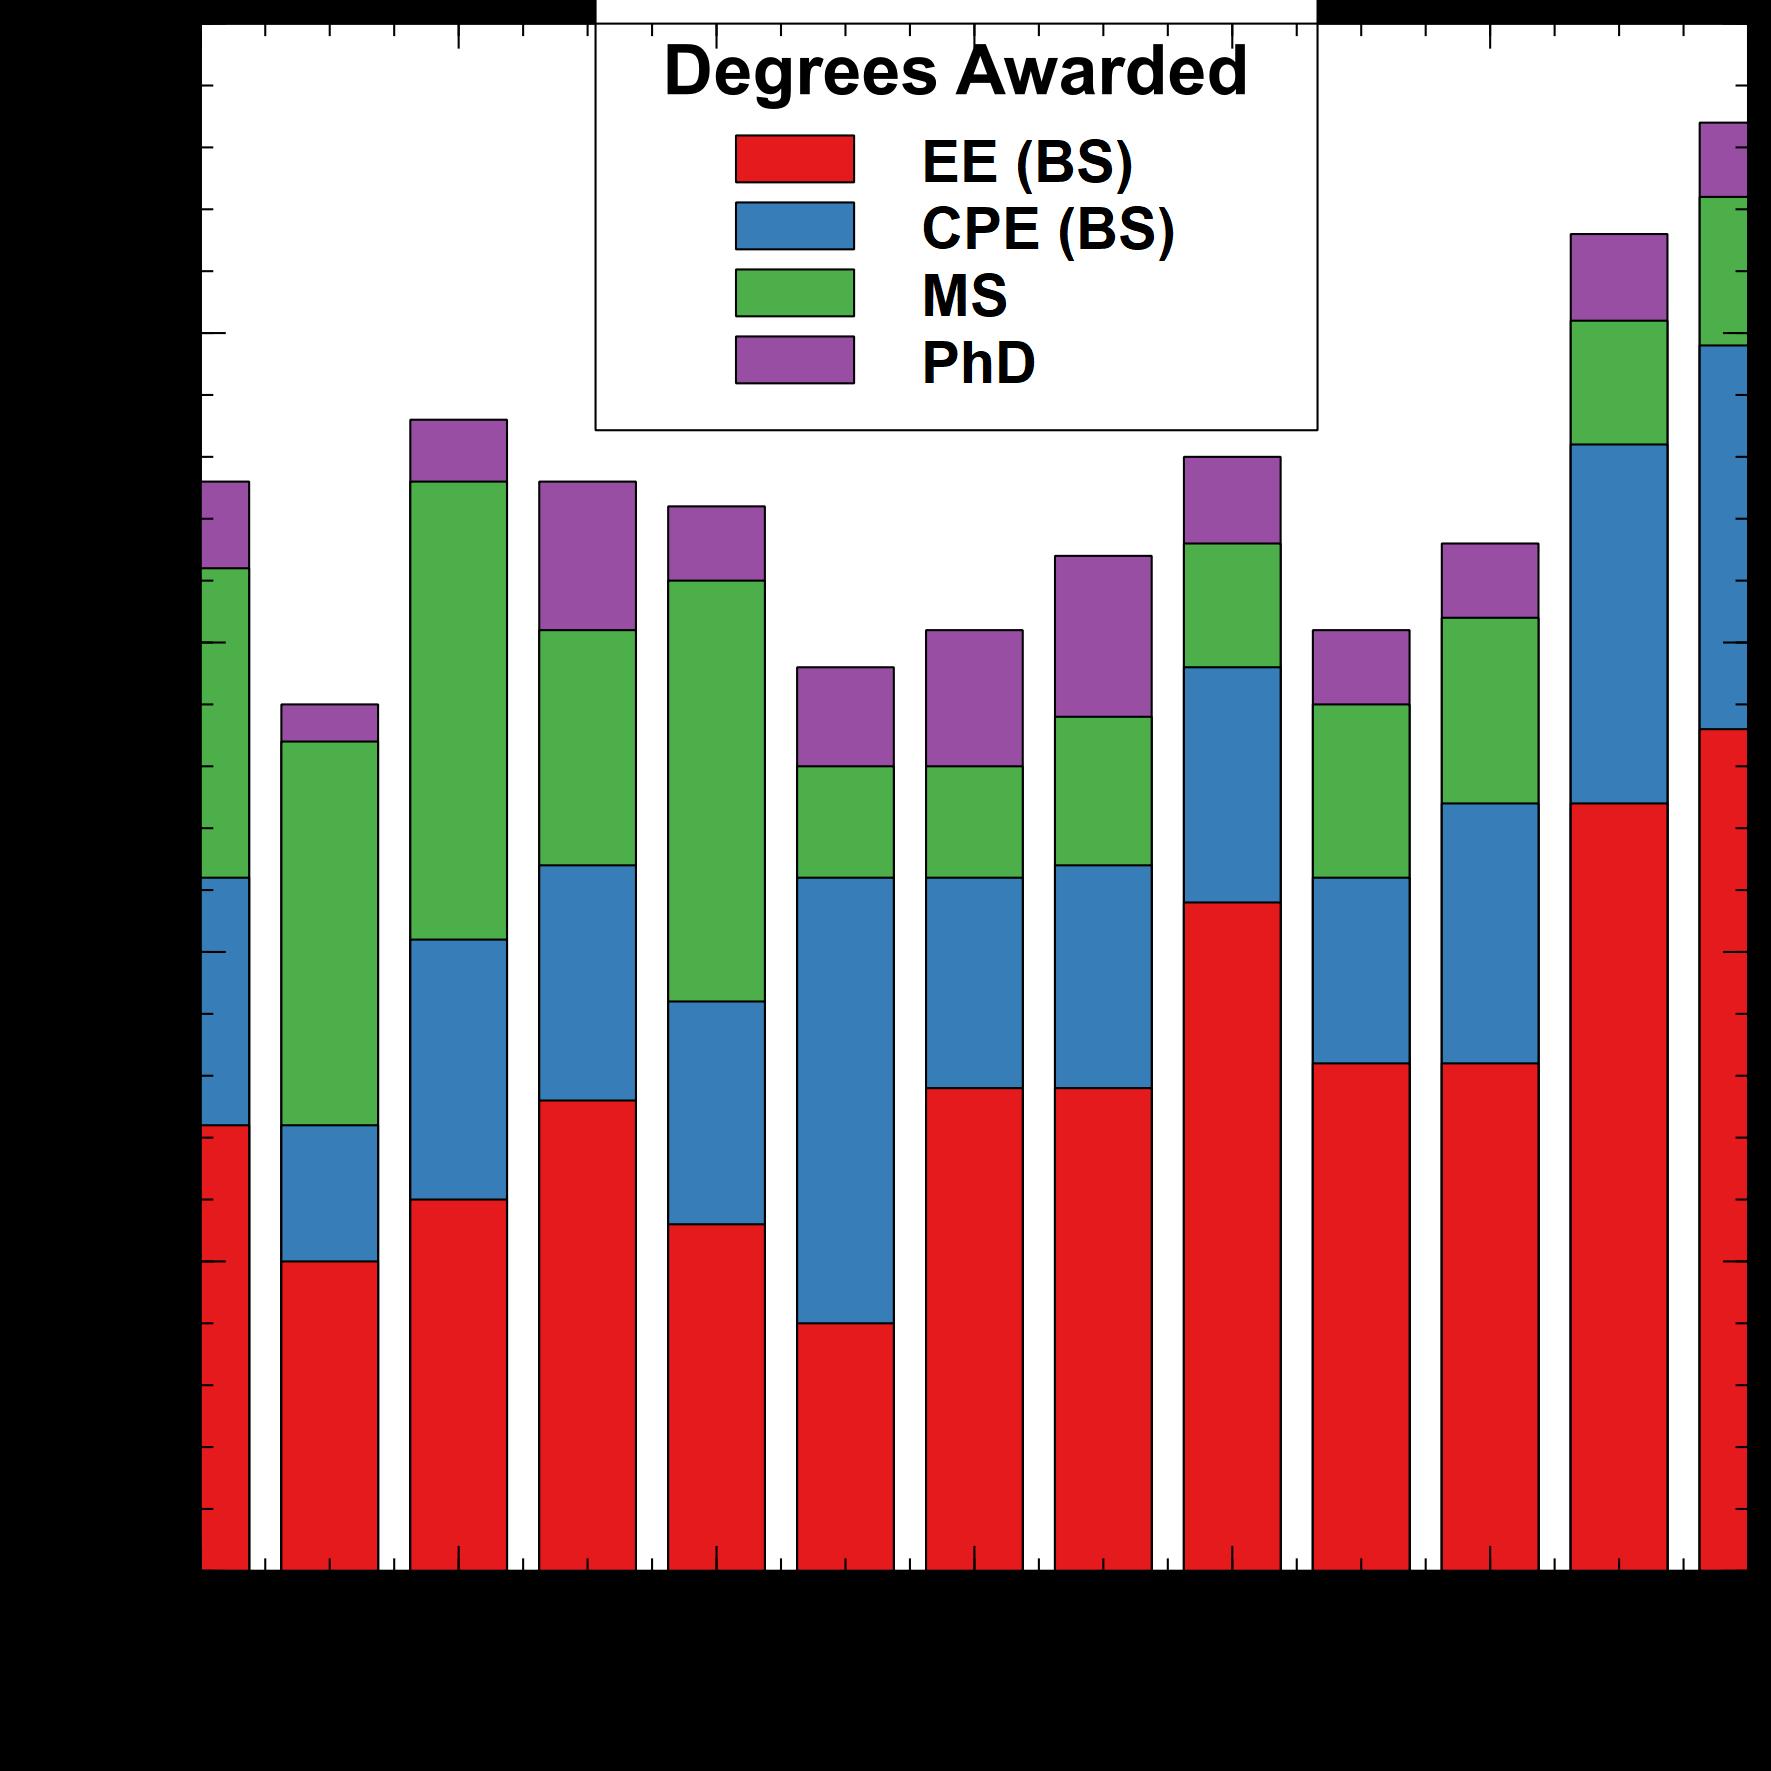 Degrees Awarded 2020